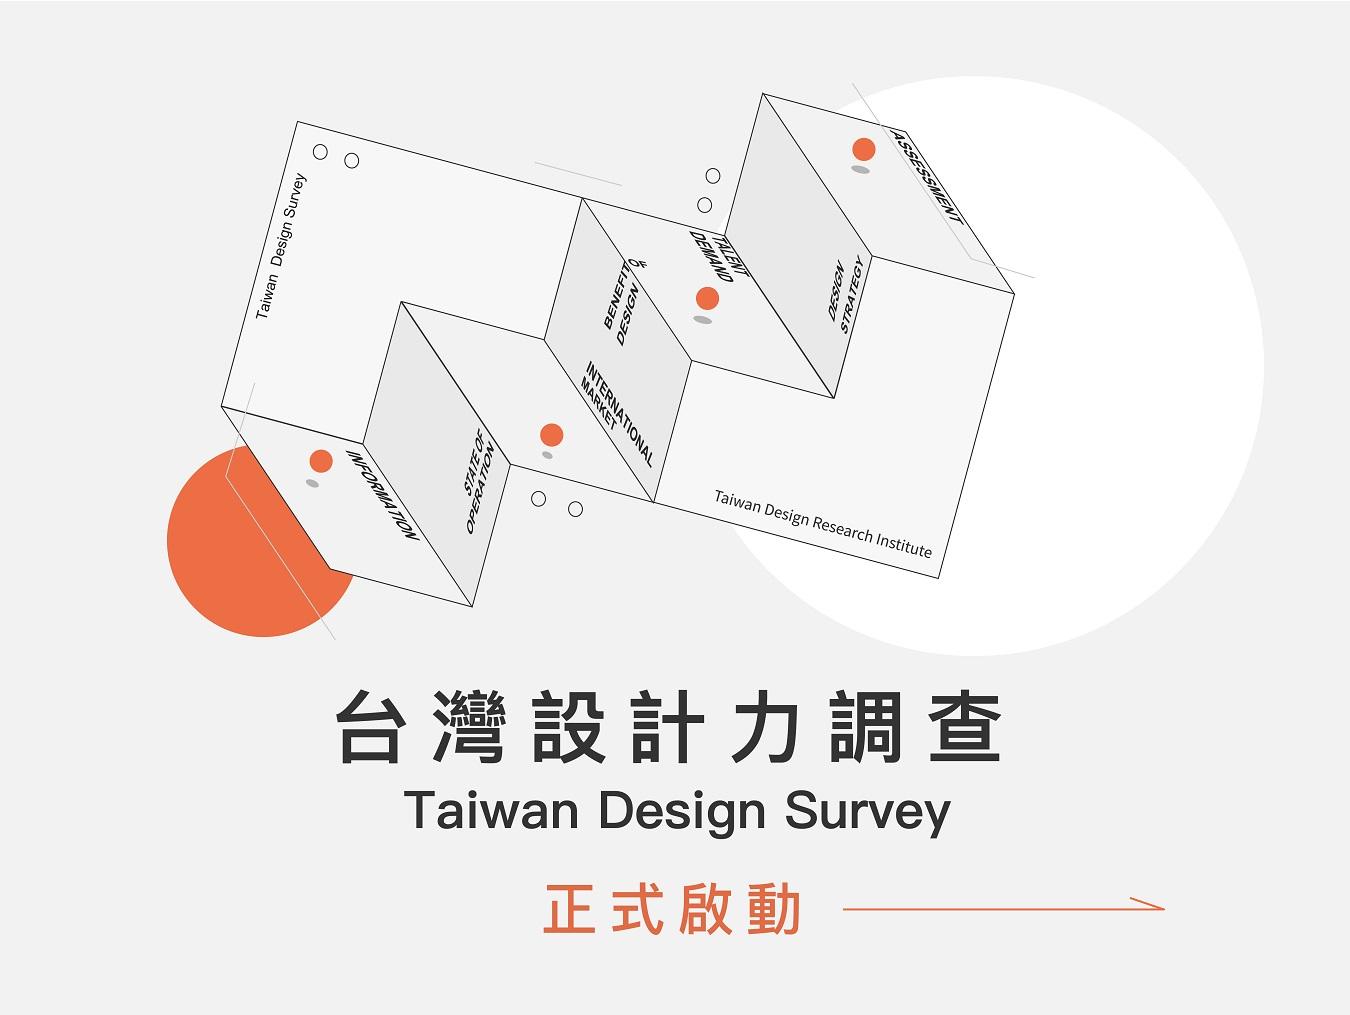 2020台灣設計力調查正式啟動!廣邀設計公司、企業設計部門踴躍參與